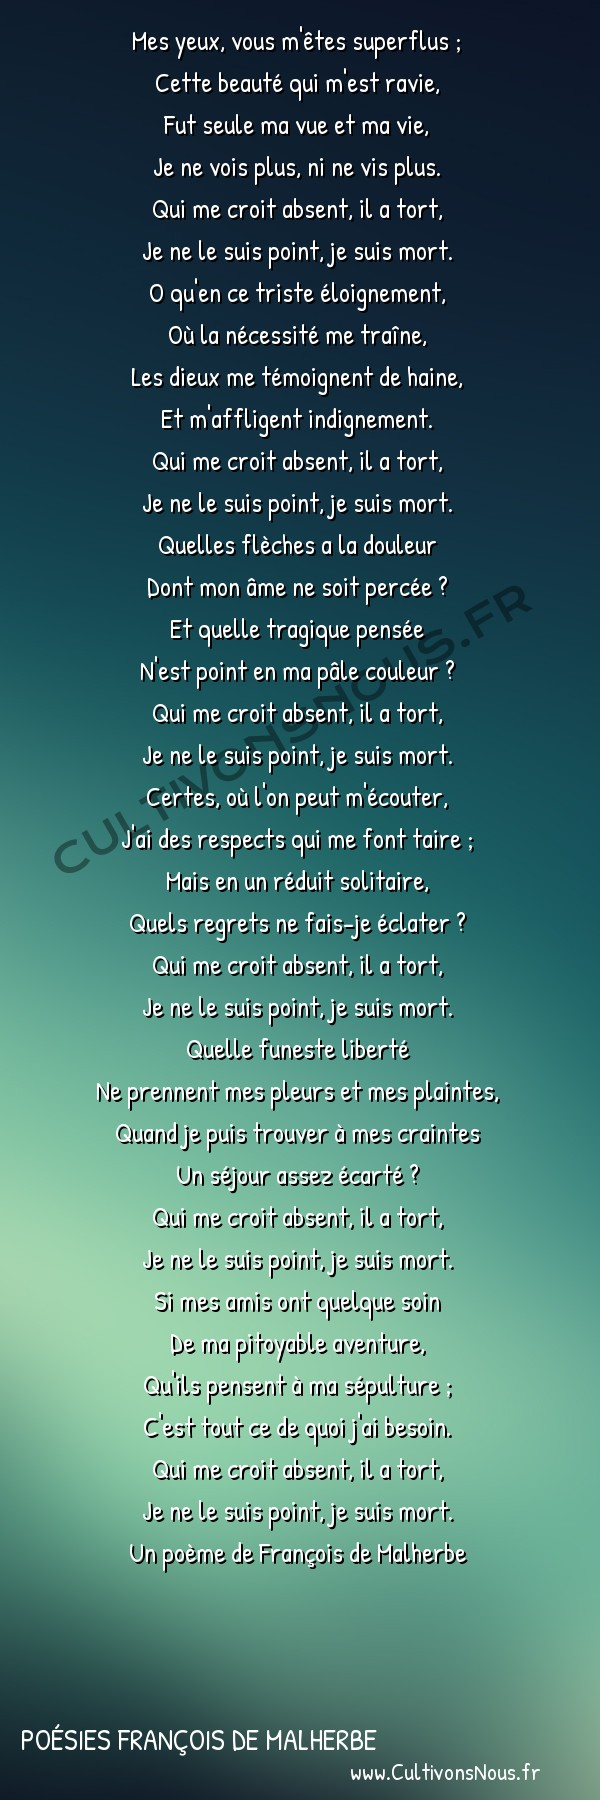 Poésies François de Malherbe - Mes yeux … -  Mes yeux, vous m'êtes superflus ; Cette beauté qui m'est ravie,